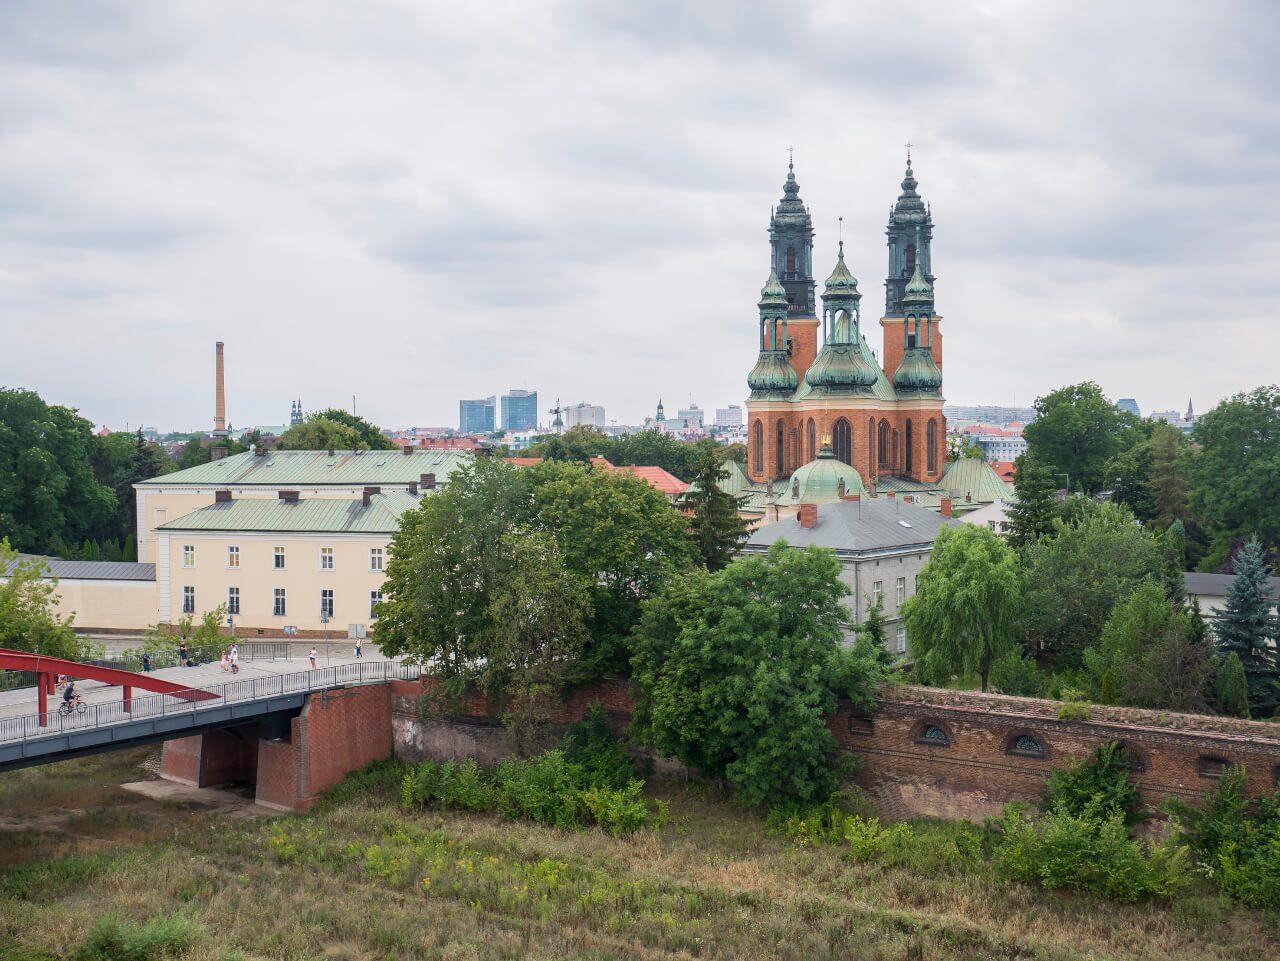 Widok z tarasu widokowego Bramy Poznania